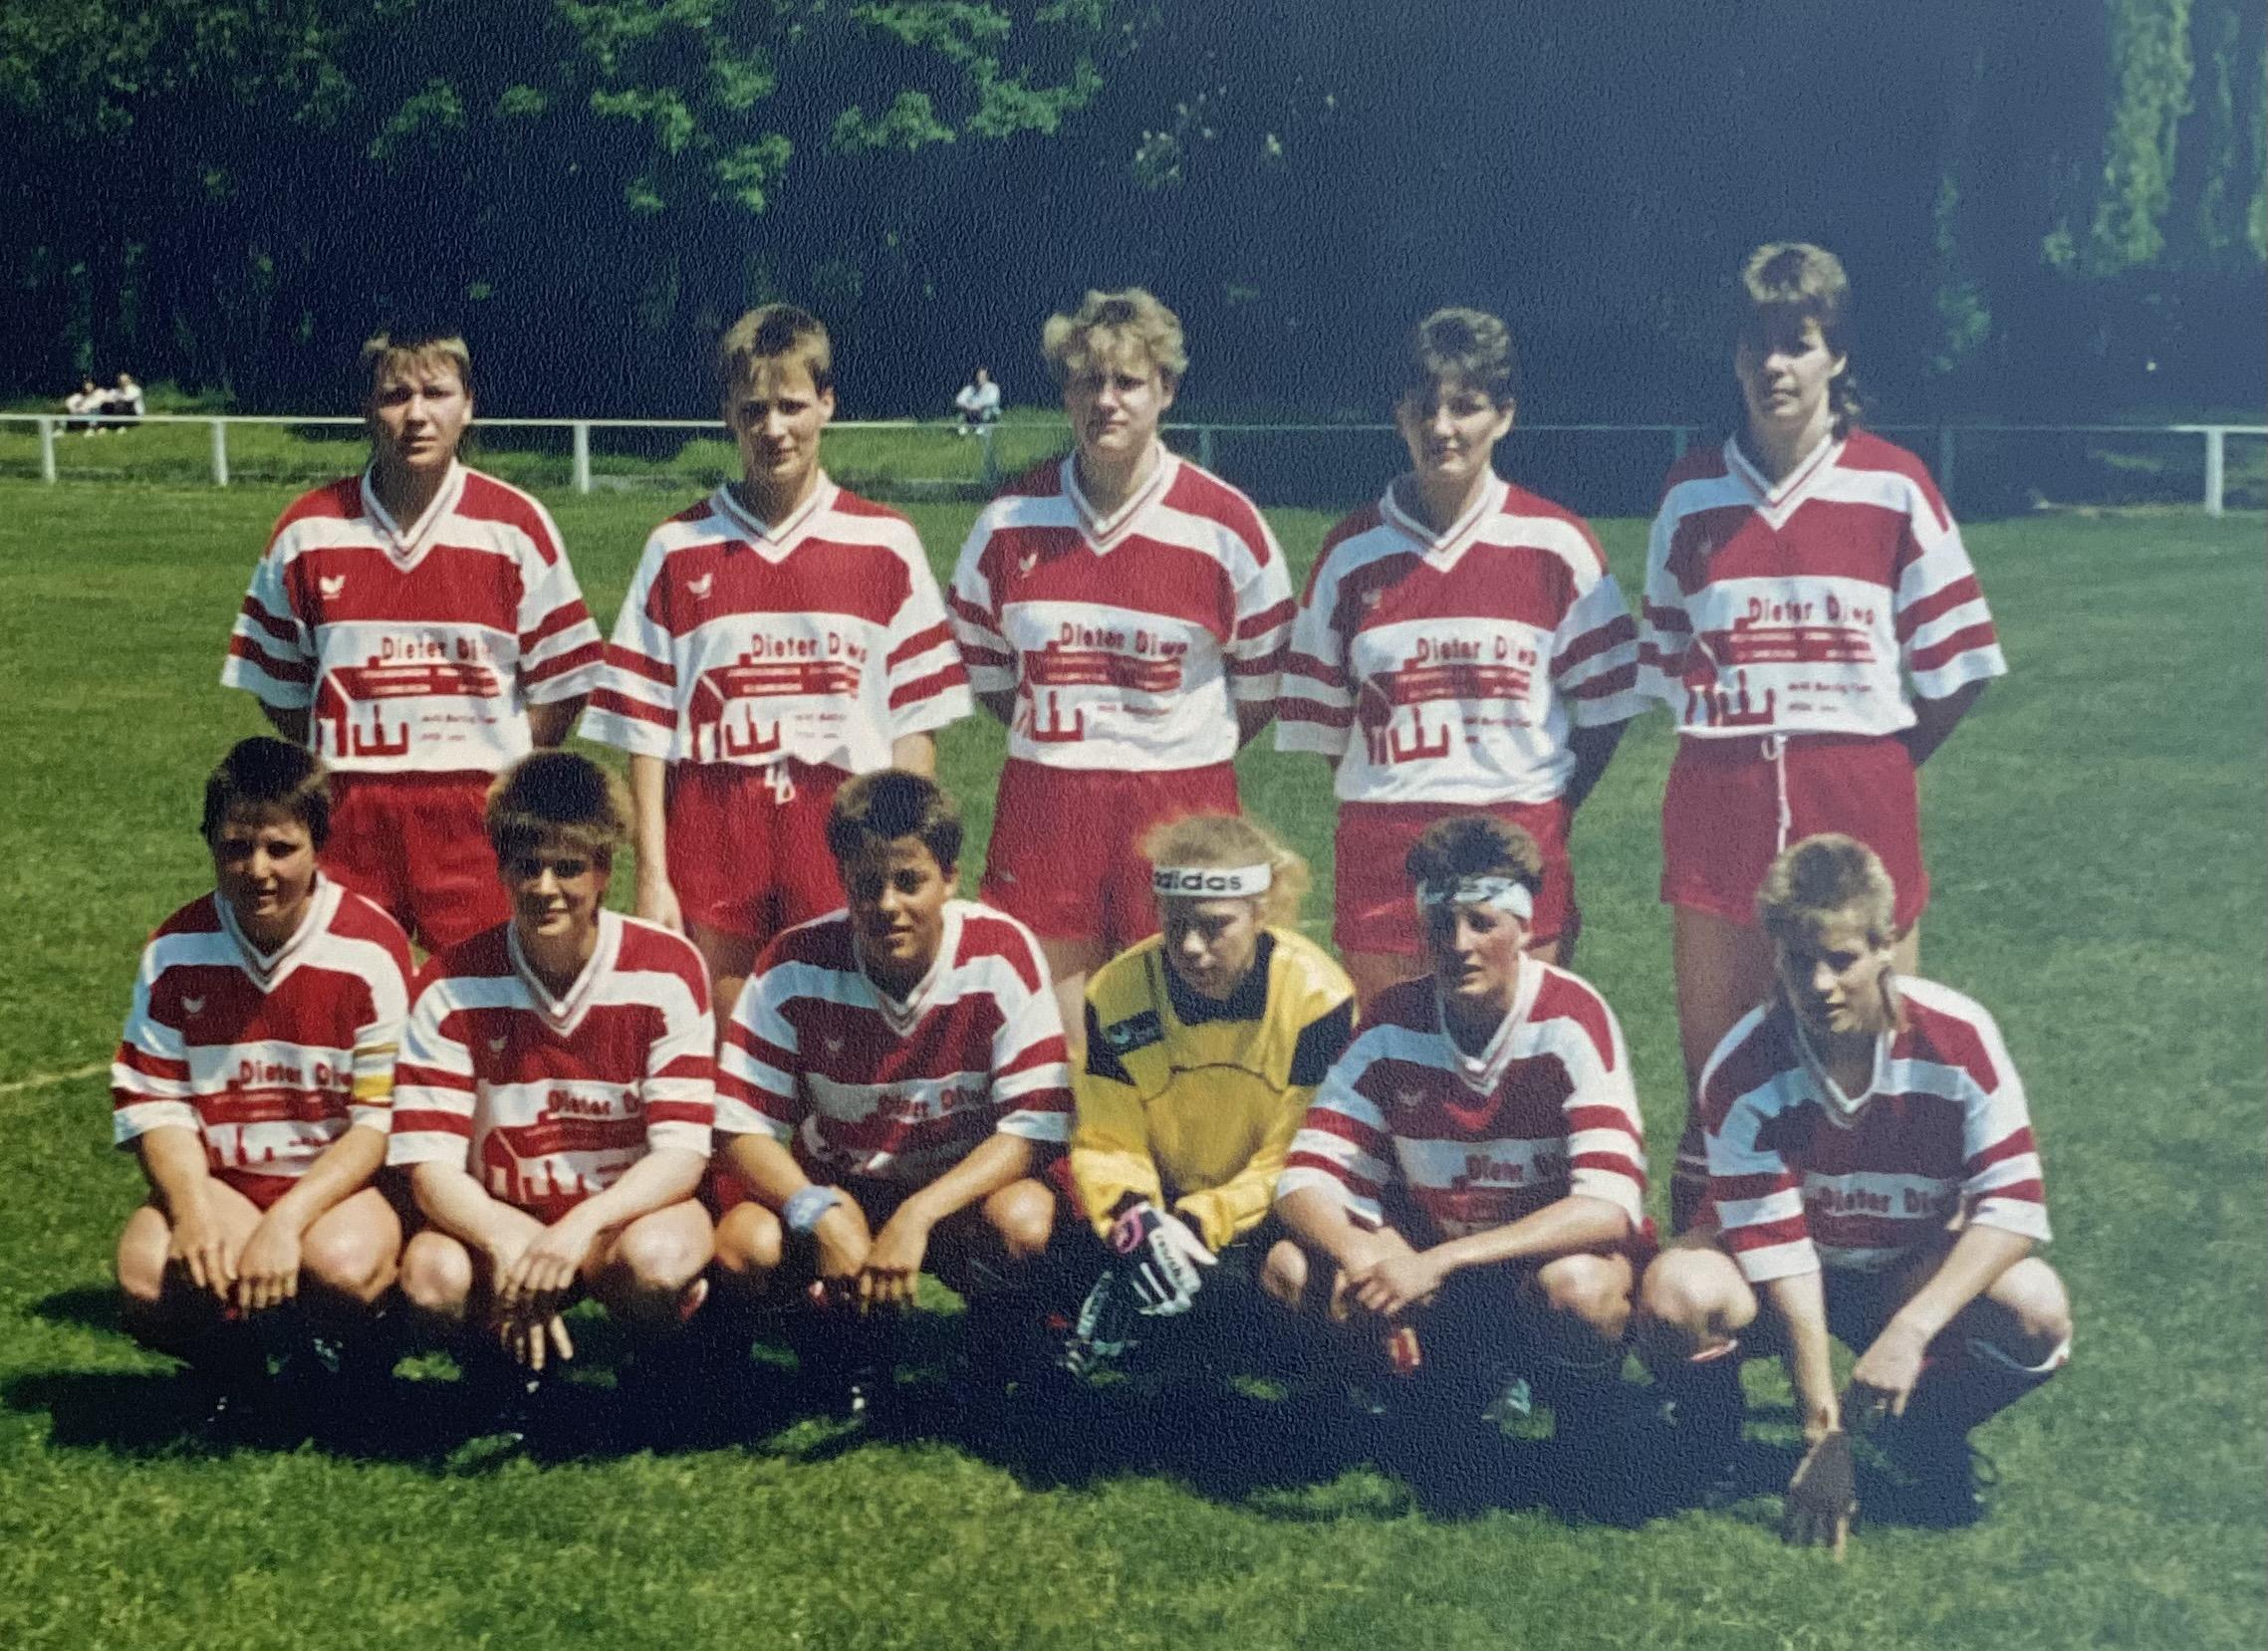 Die Betriebssportgemeinschaft Uni Jena 1990/91